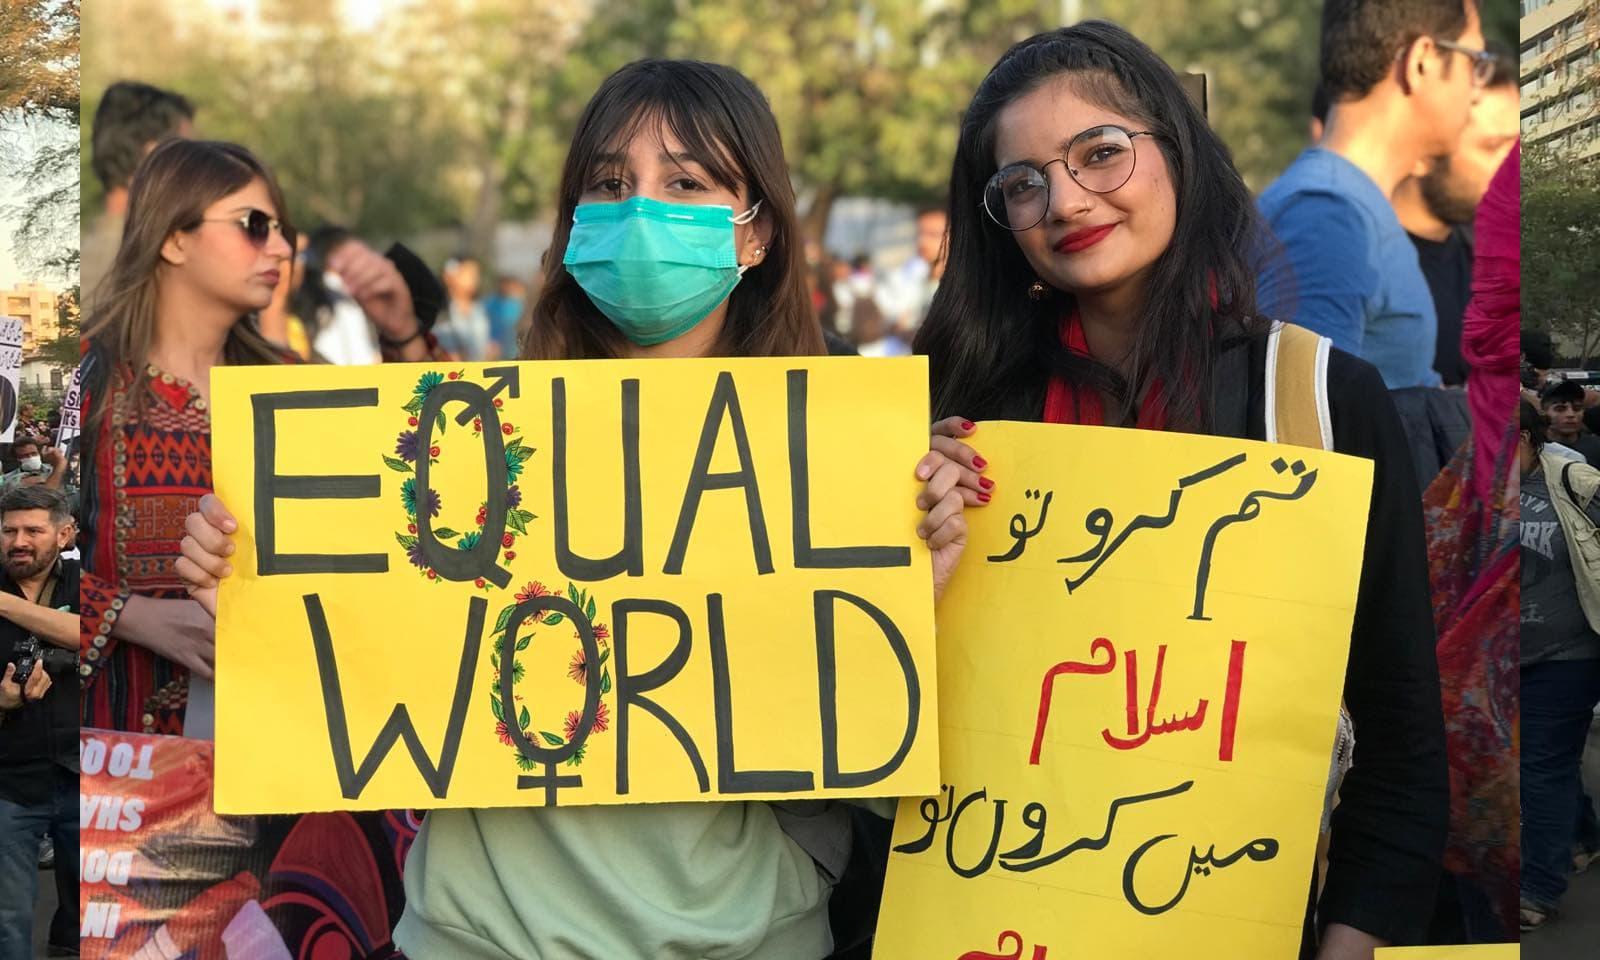 کراچی میں دو لڑکیاں یکساں حقوق کے حصول کیلئے پوسٹر اٹھائے ہوئی ہیں—فوٹو: عائشہ علی